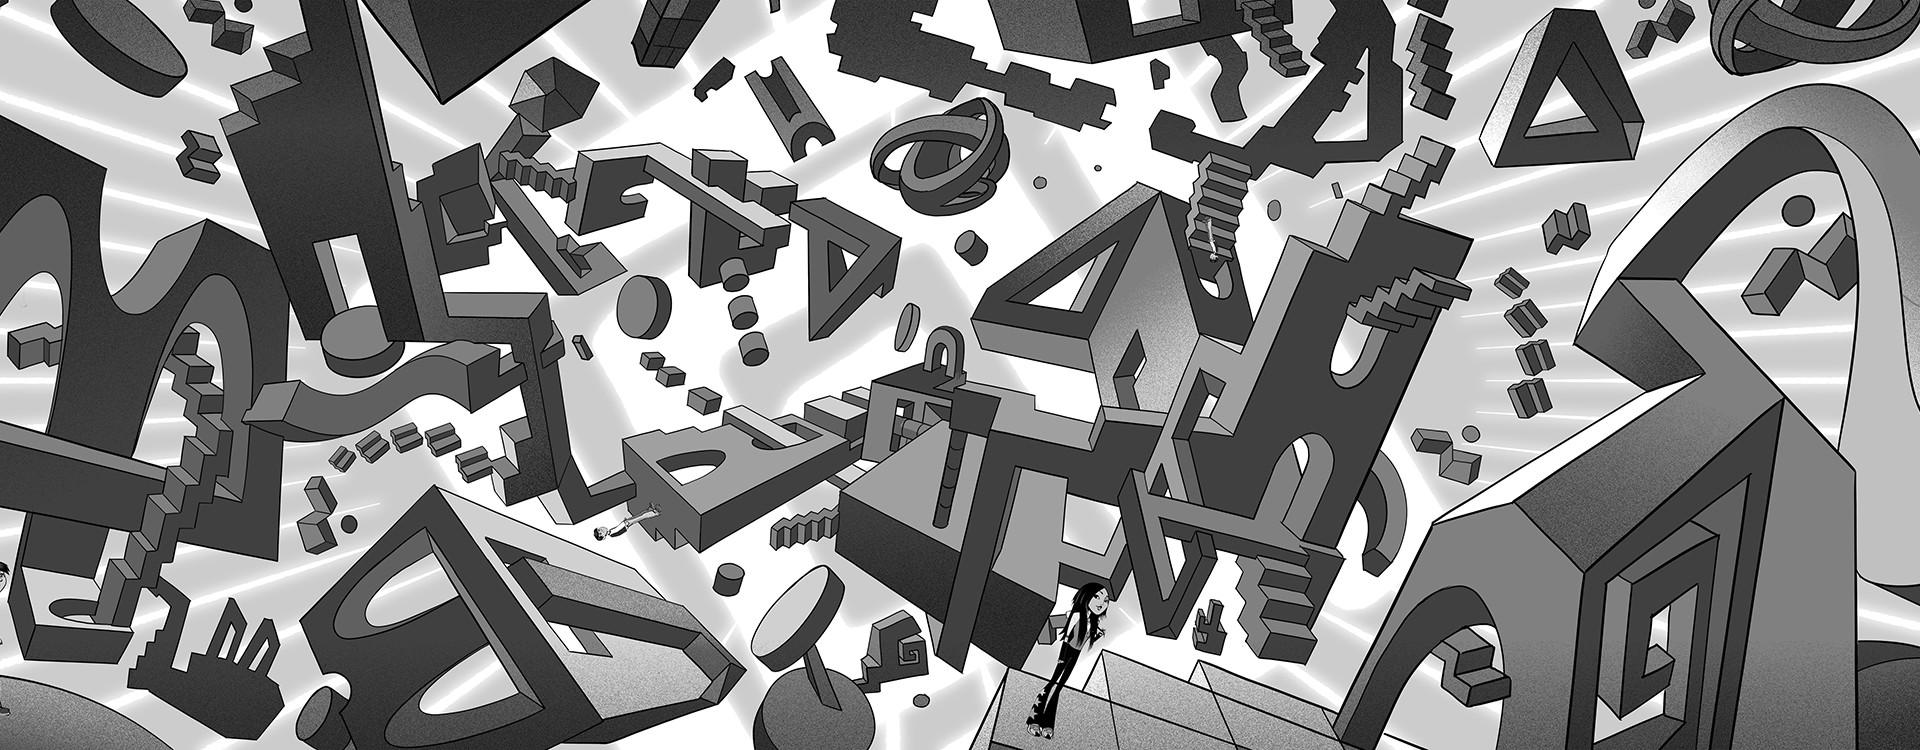 Escher Puzzle World